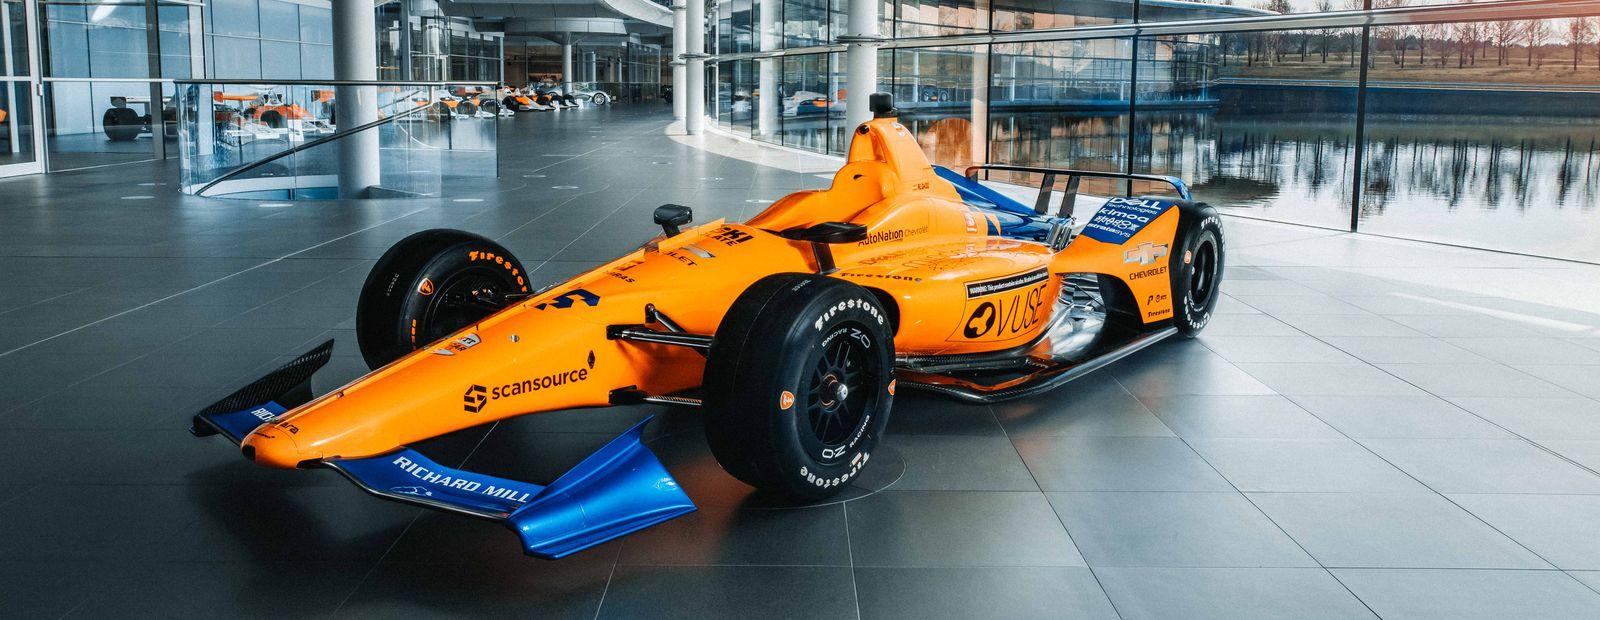 McLaren Racing unveils Indy 500 livery